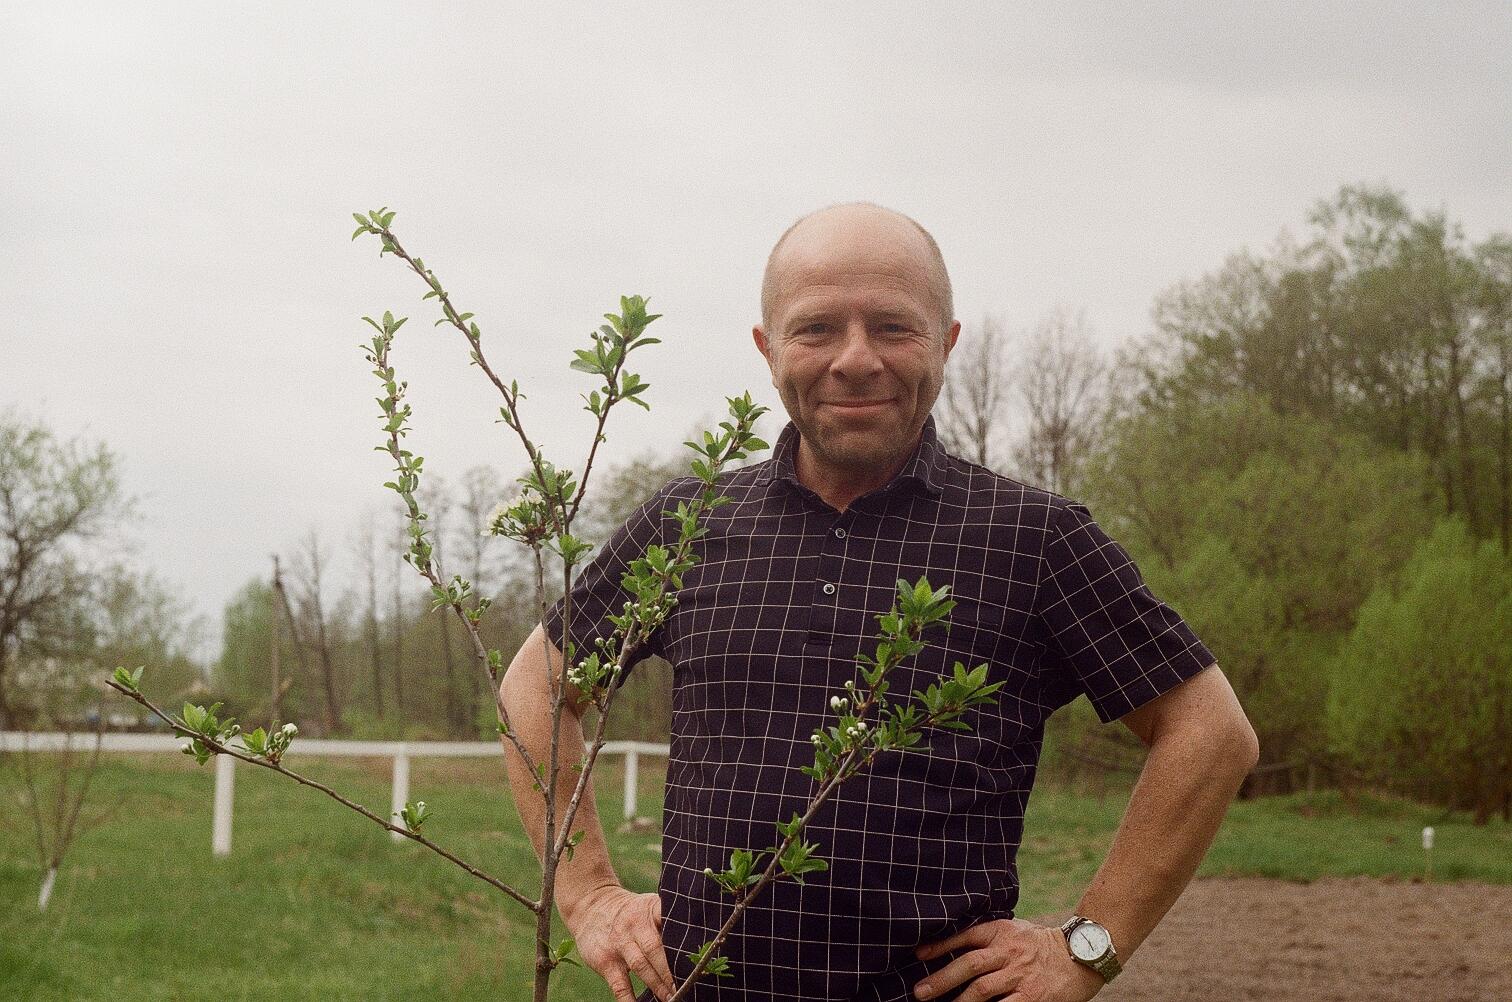 Юрий Павленко на даче на фоне саженца сливы